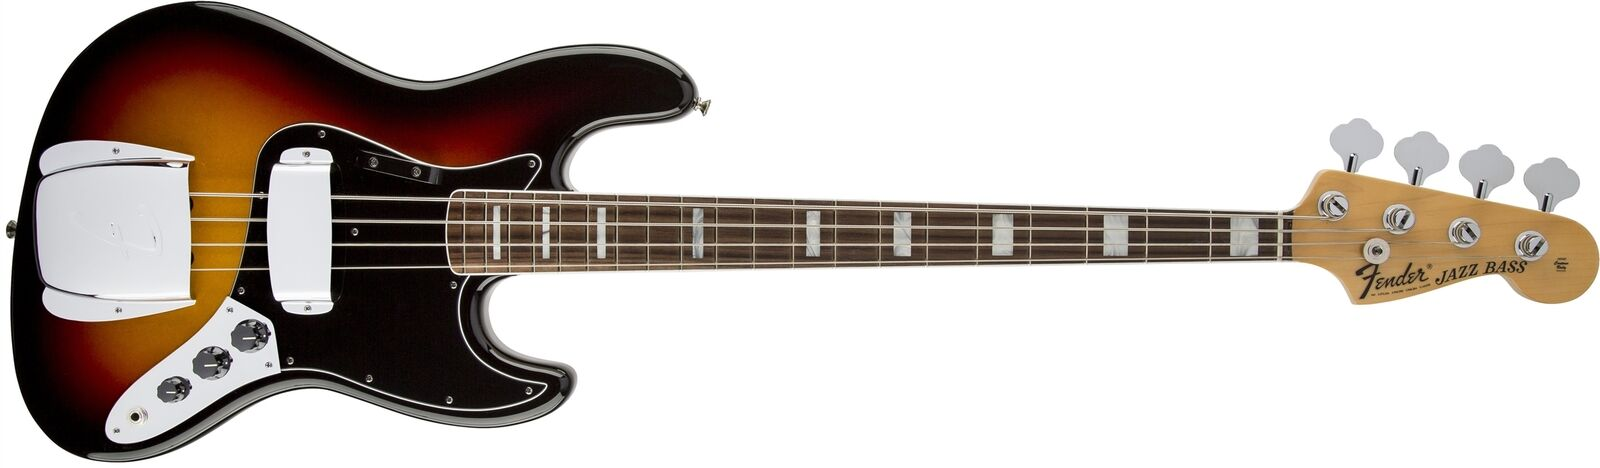 kmise electric jazz bass guitar bridge cover protector for fender black vintage 612524609982 ebay. Black Bedroom Furniture Sets. Home Design Ideas